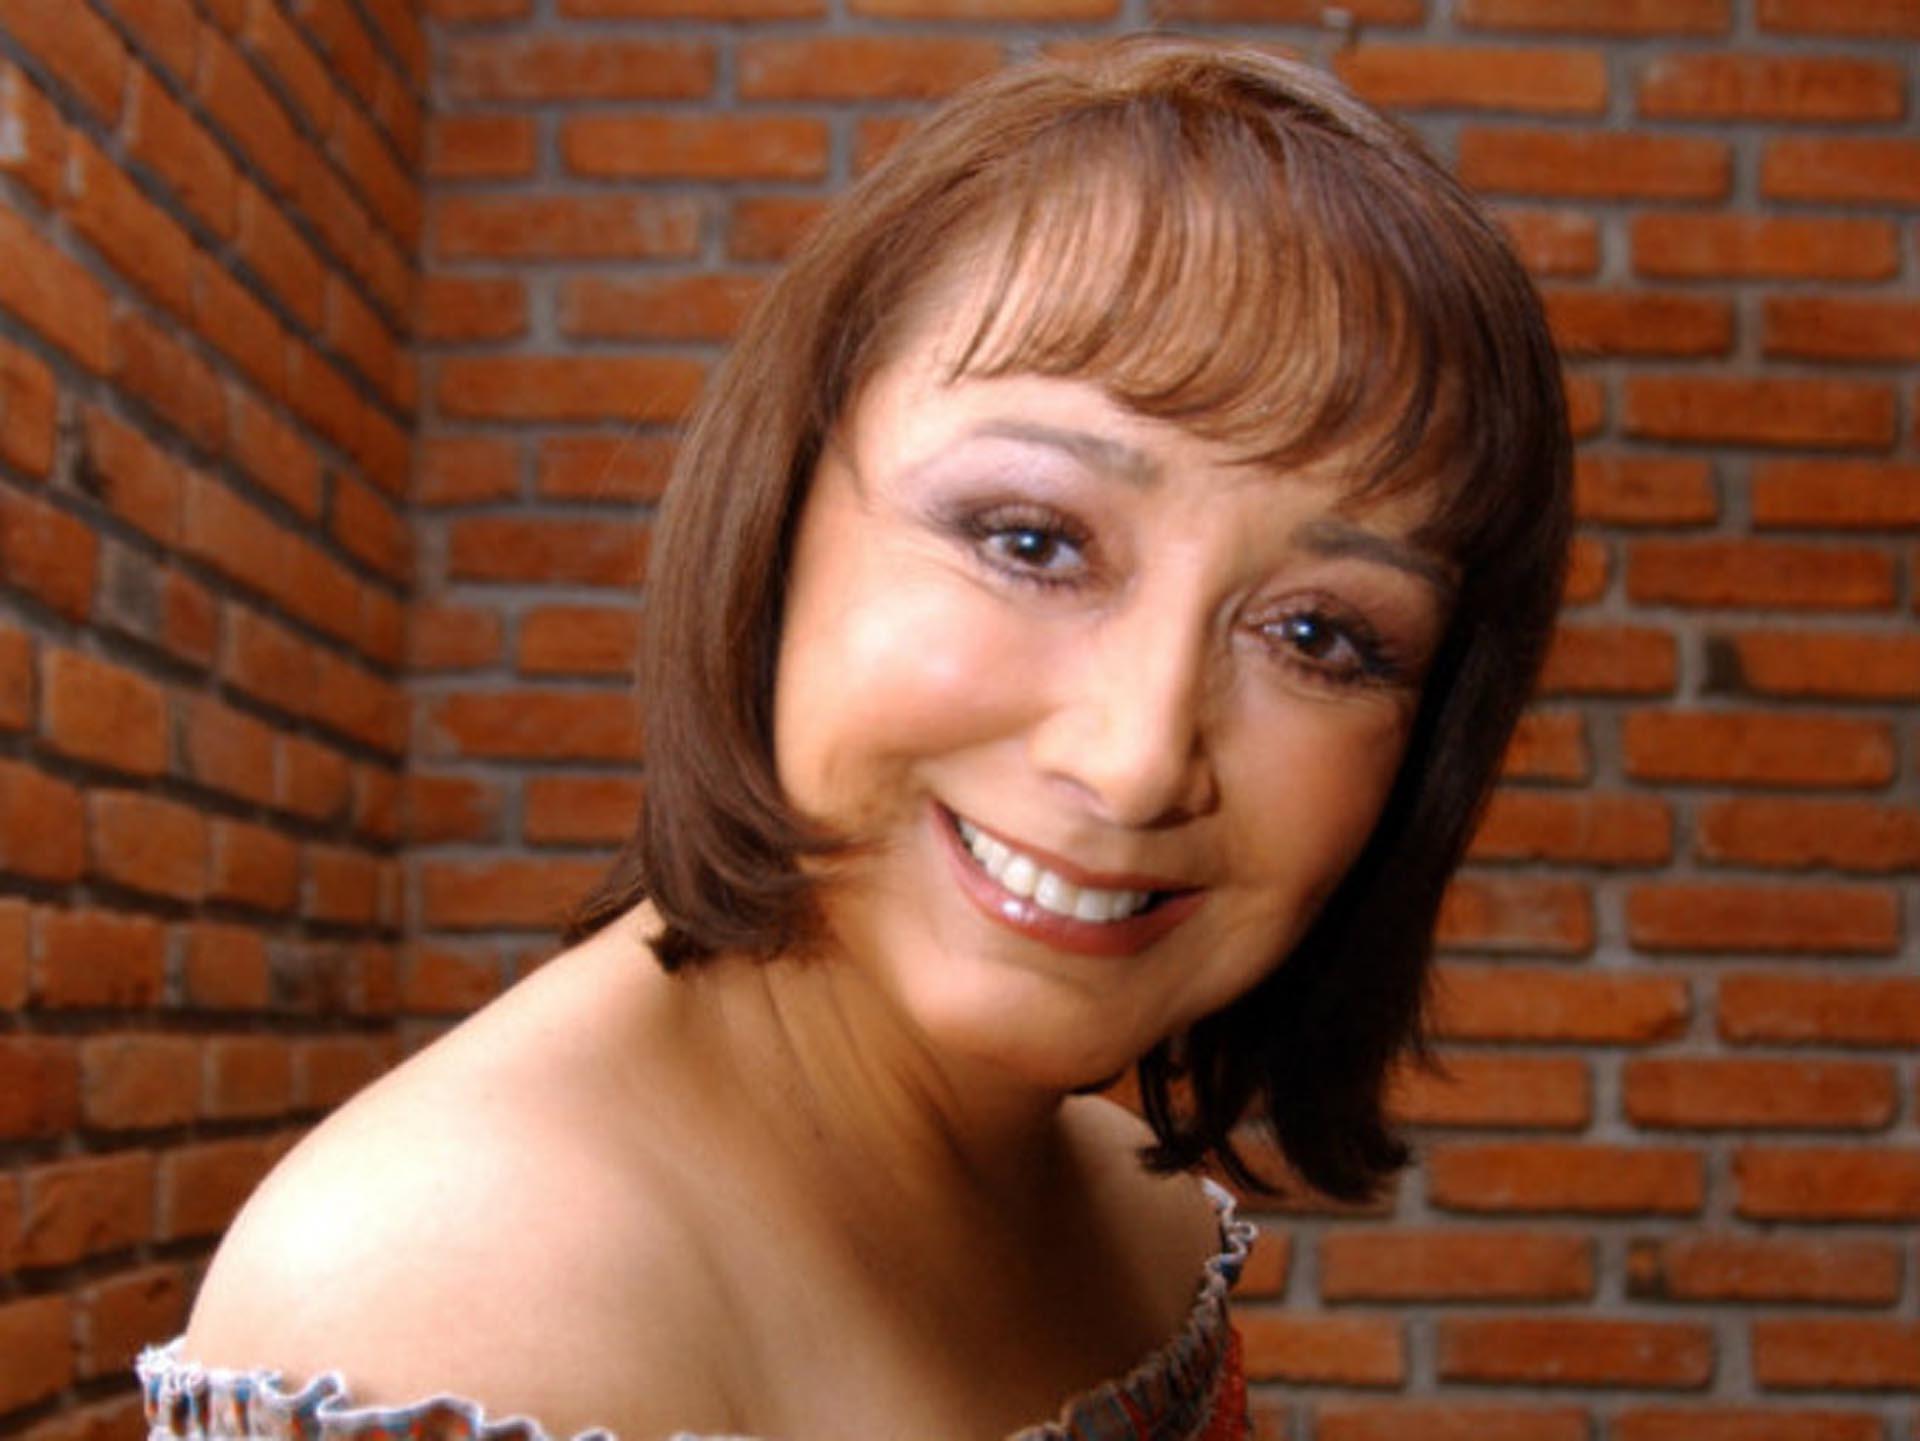 María Antonieta de las Nieves continúa trabajando como actriz